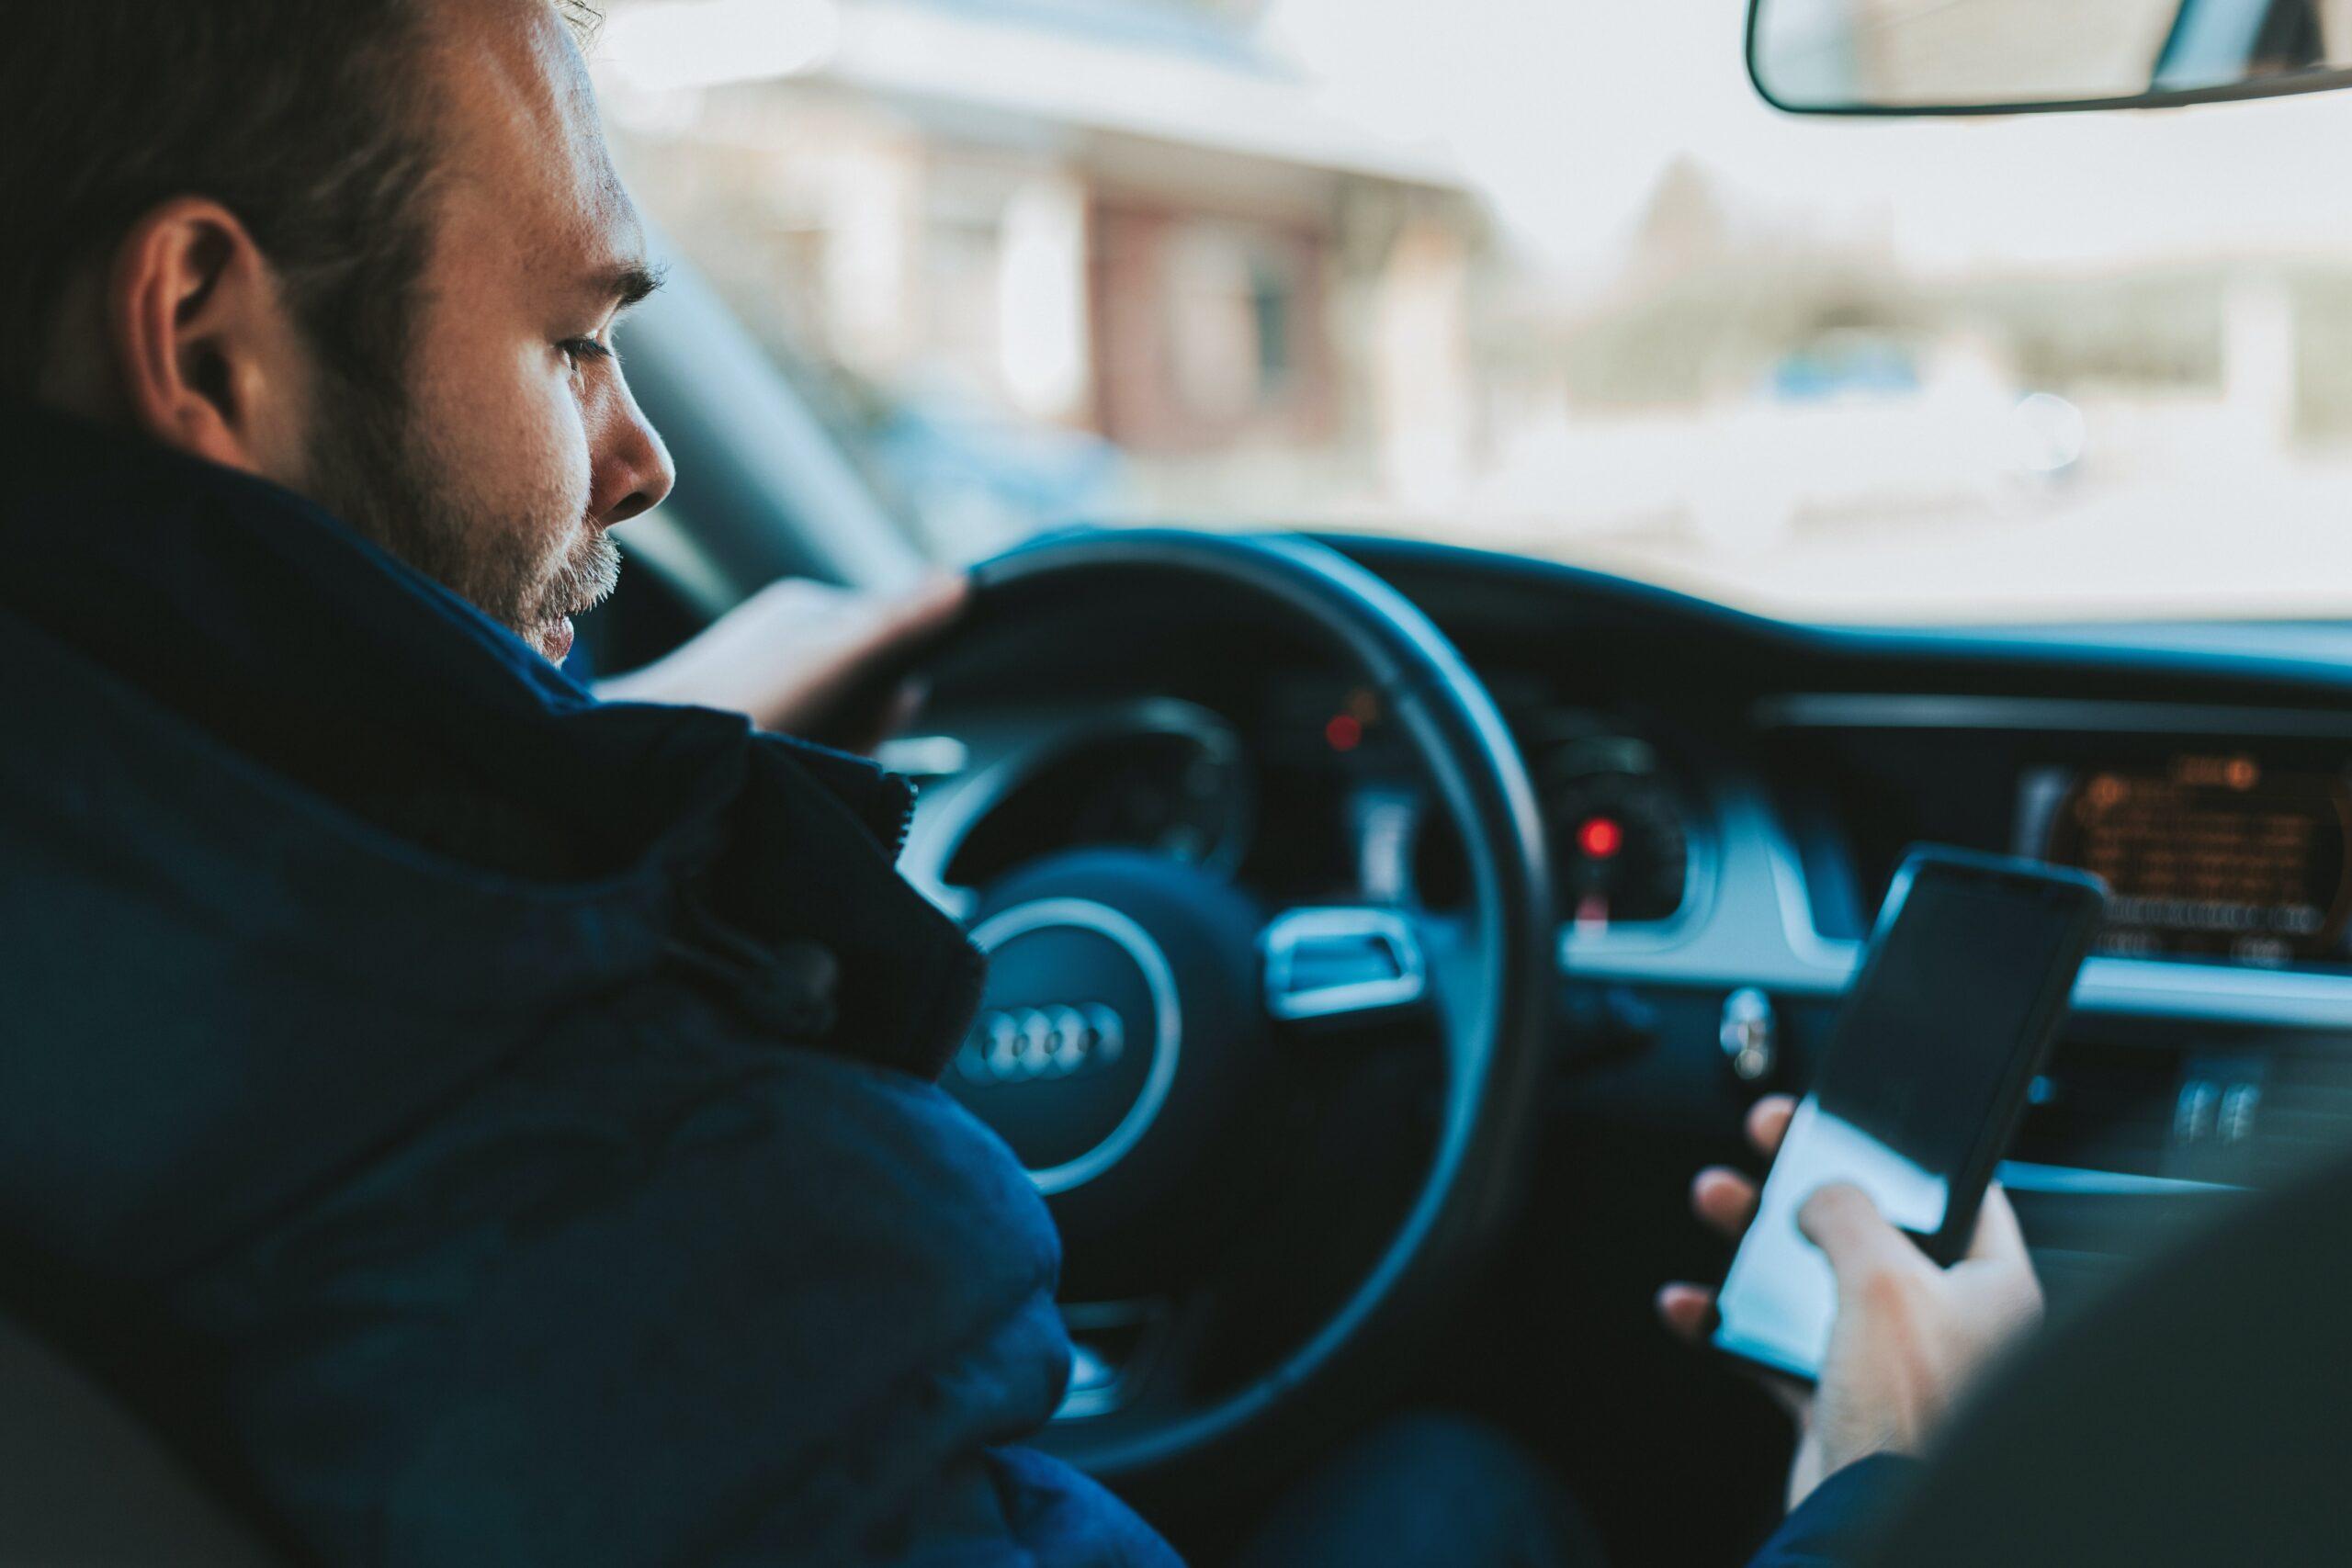 poort bedienen met smartphone